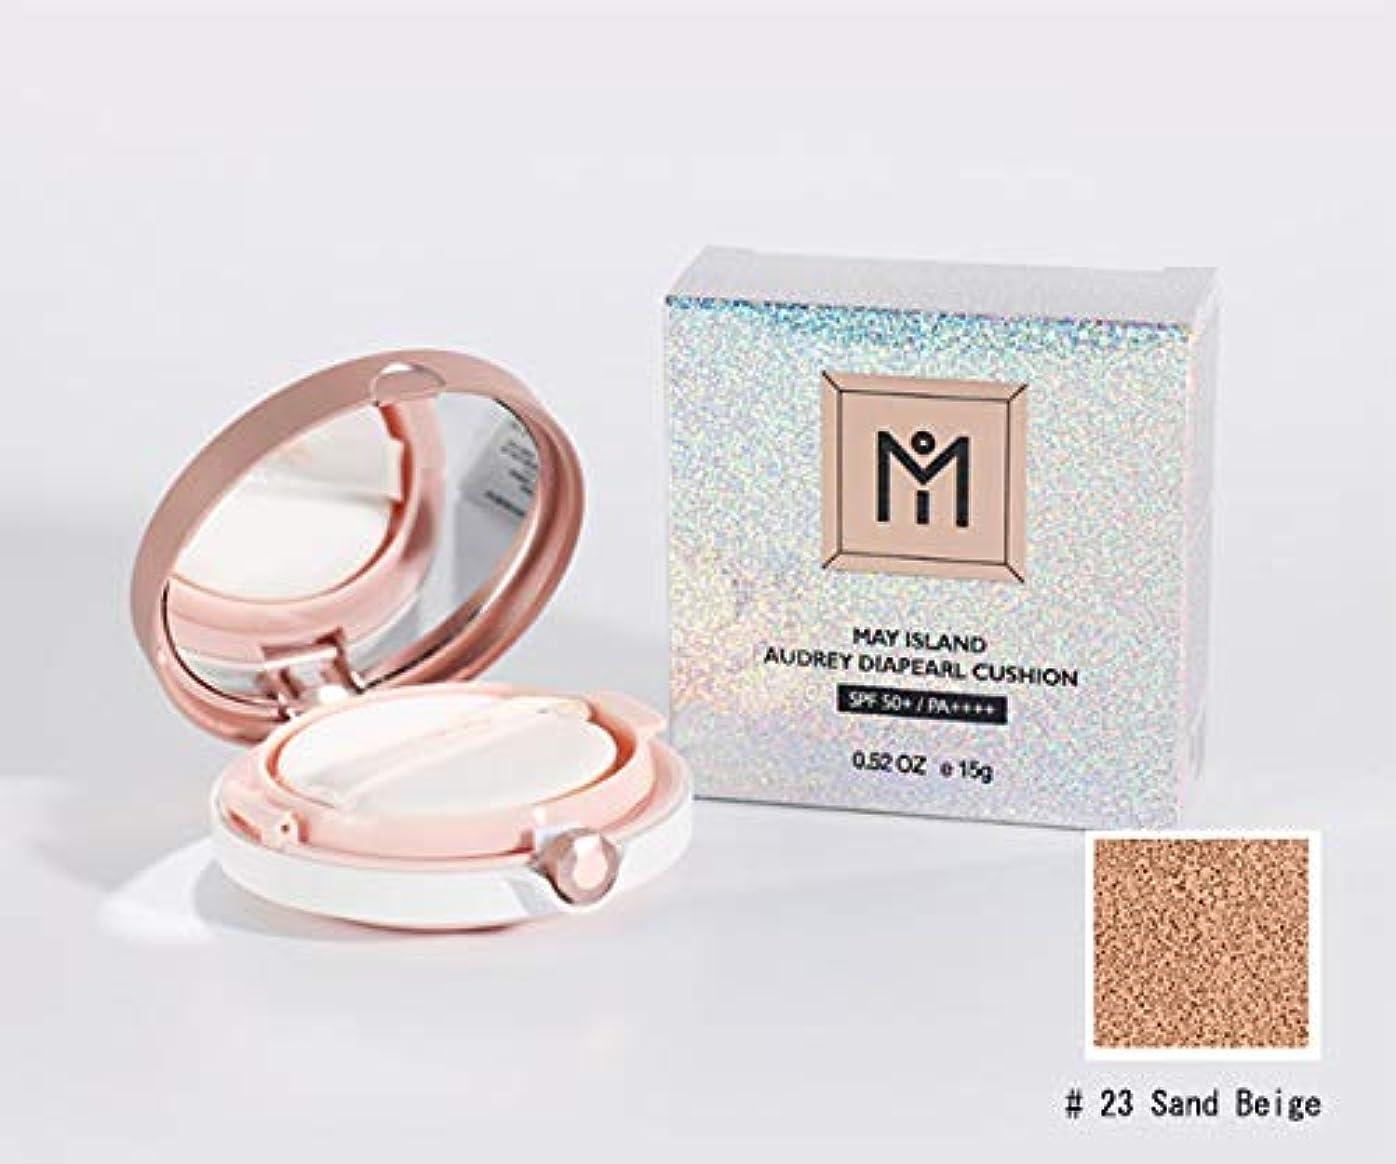 自分の慣れるふさわしい[MAY ISLAND] AUDREY DIAPEARL CUSHION[#23.Sand Beige] ダイヤモンドパールクッション SPF50+/ PA++++[美白、シワの改善、紫外線遮断3の機能性化粧品]韓国の人気...